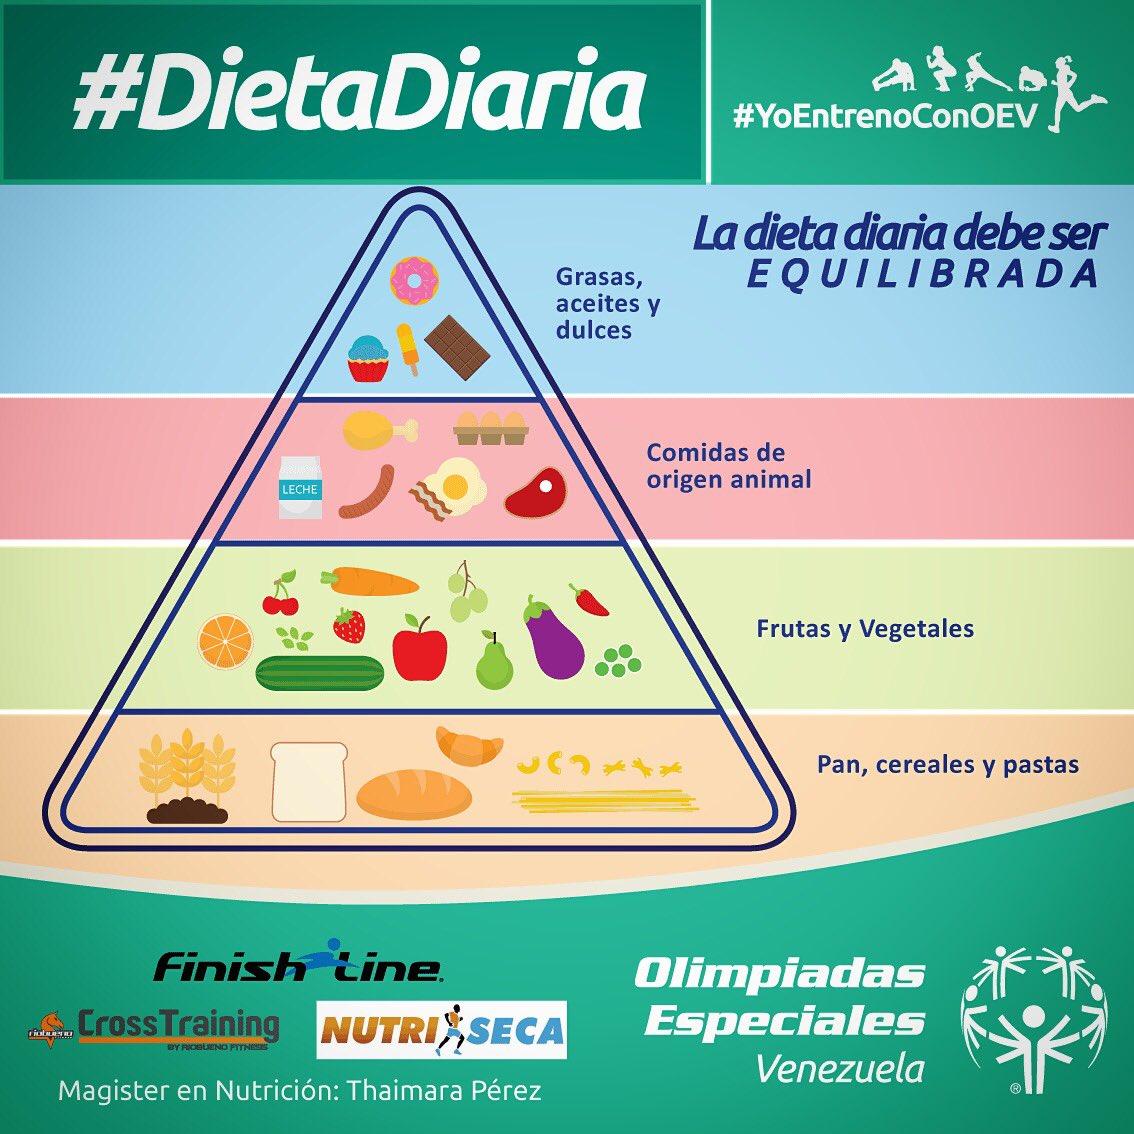 Que es la dieta diaria